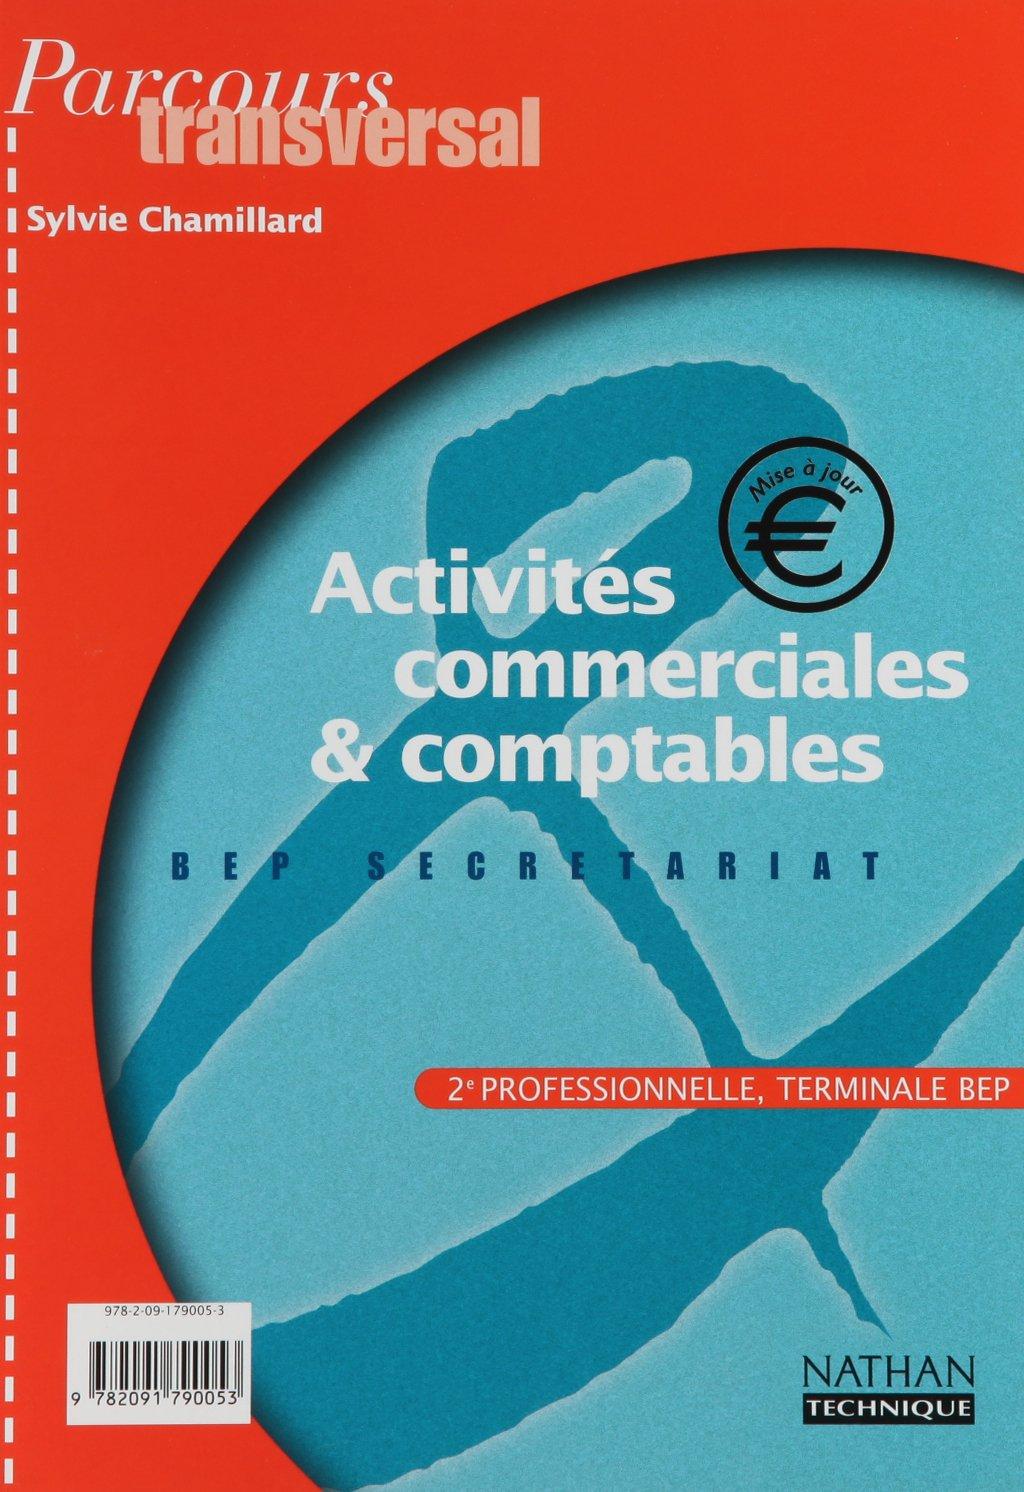 Amazon Fr Activites Commerciales Et Comptables Parcours Transversal 2nde Pro Term Bep Secretariat Edition 2001 Chamillard Sylvie Livres